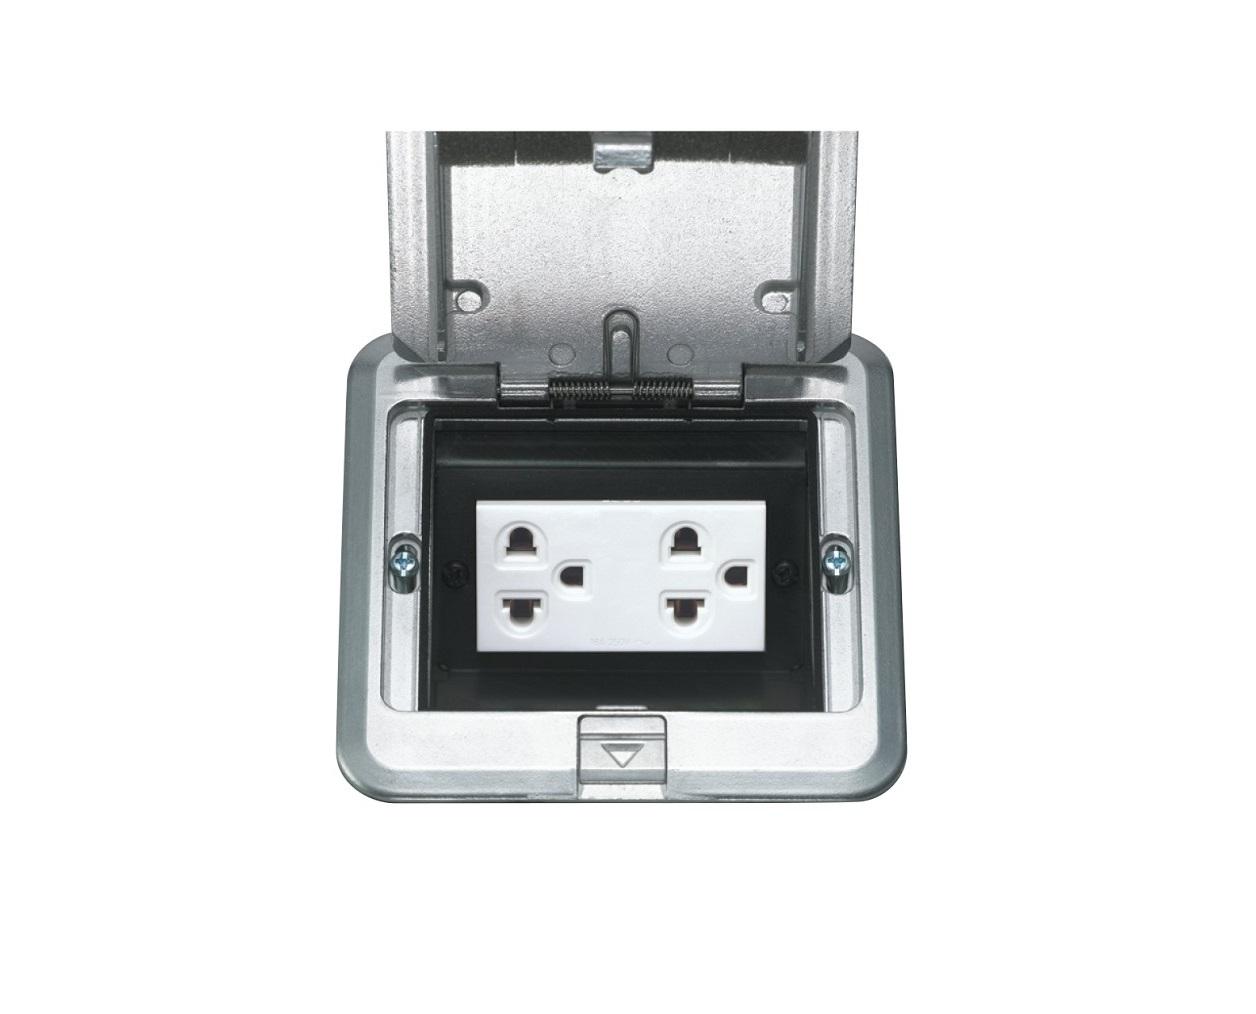 Ổ cắm điện đôi 3 chấu âm sàn Panasonic DUF1200LTK-1